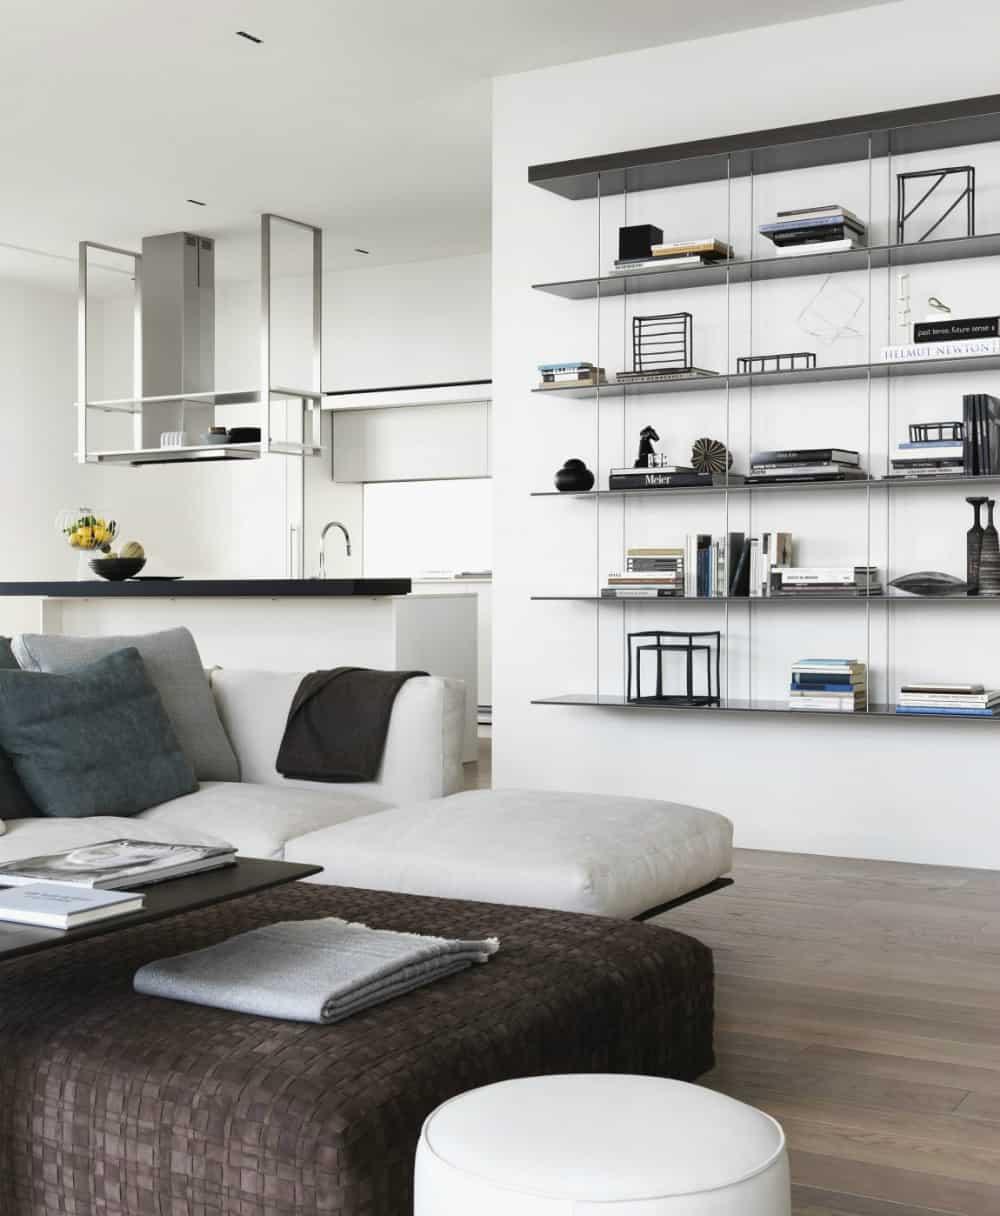 Contemporary home by Matteo Nunziati